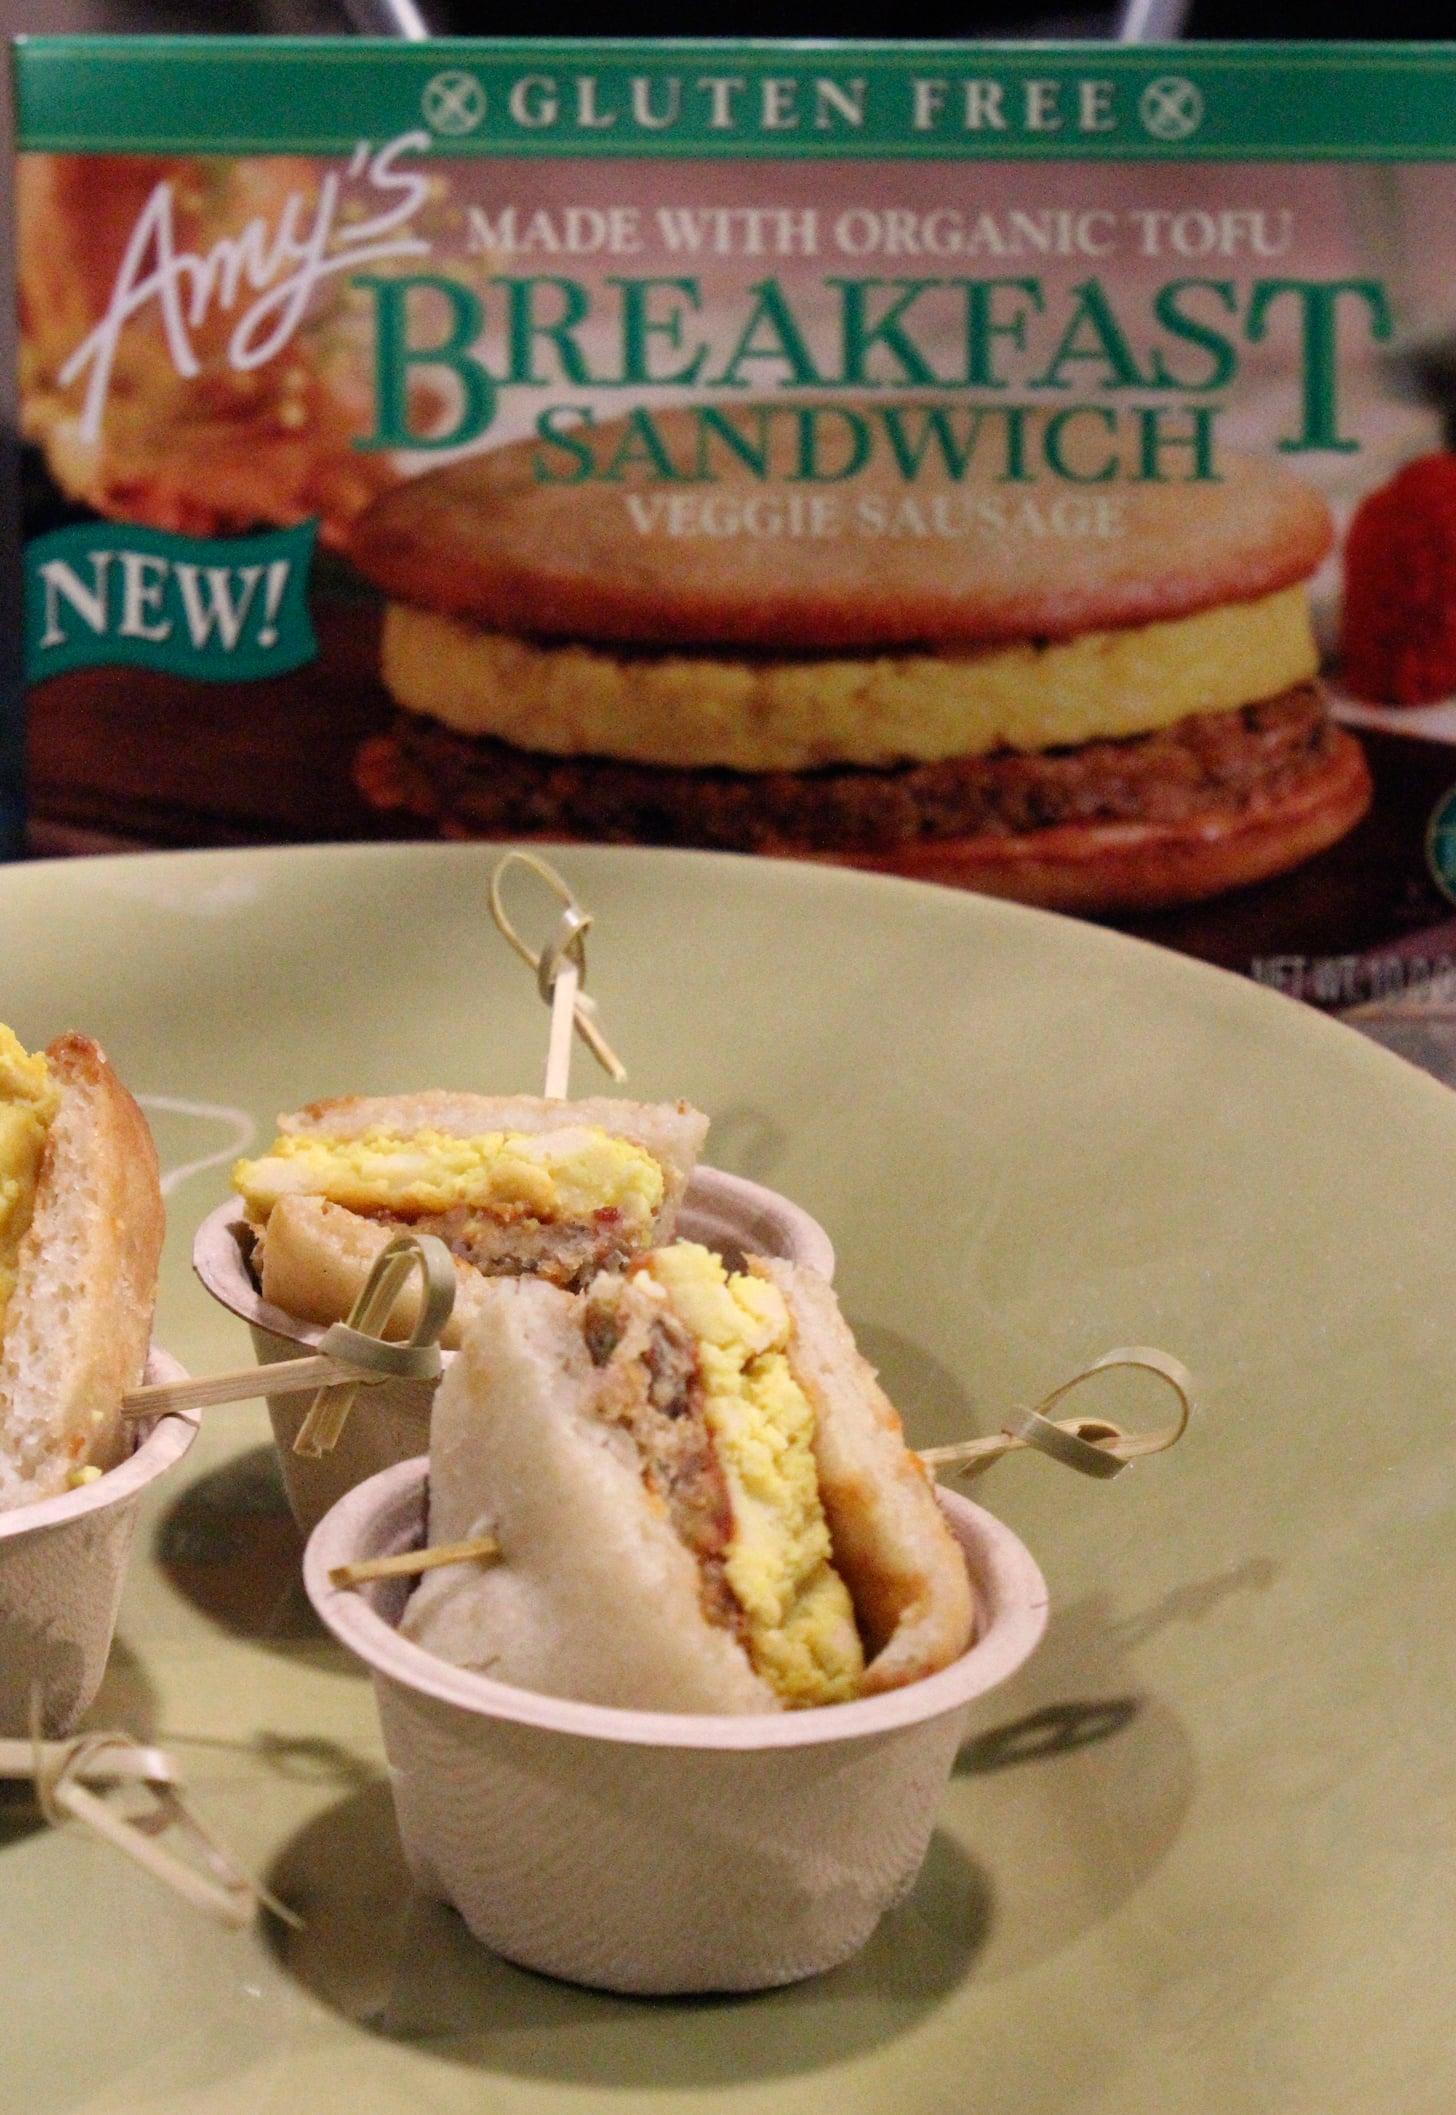 Amy's Breakfast Sandwich